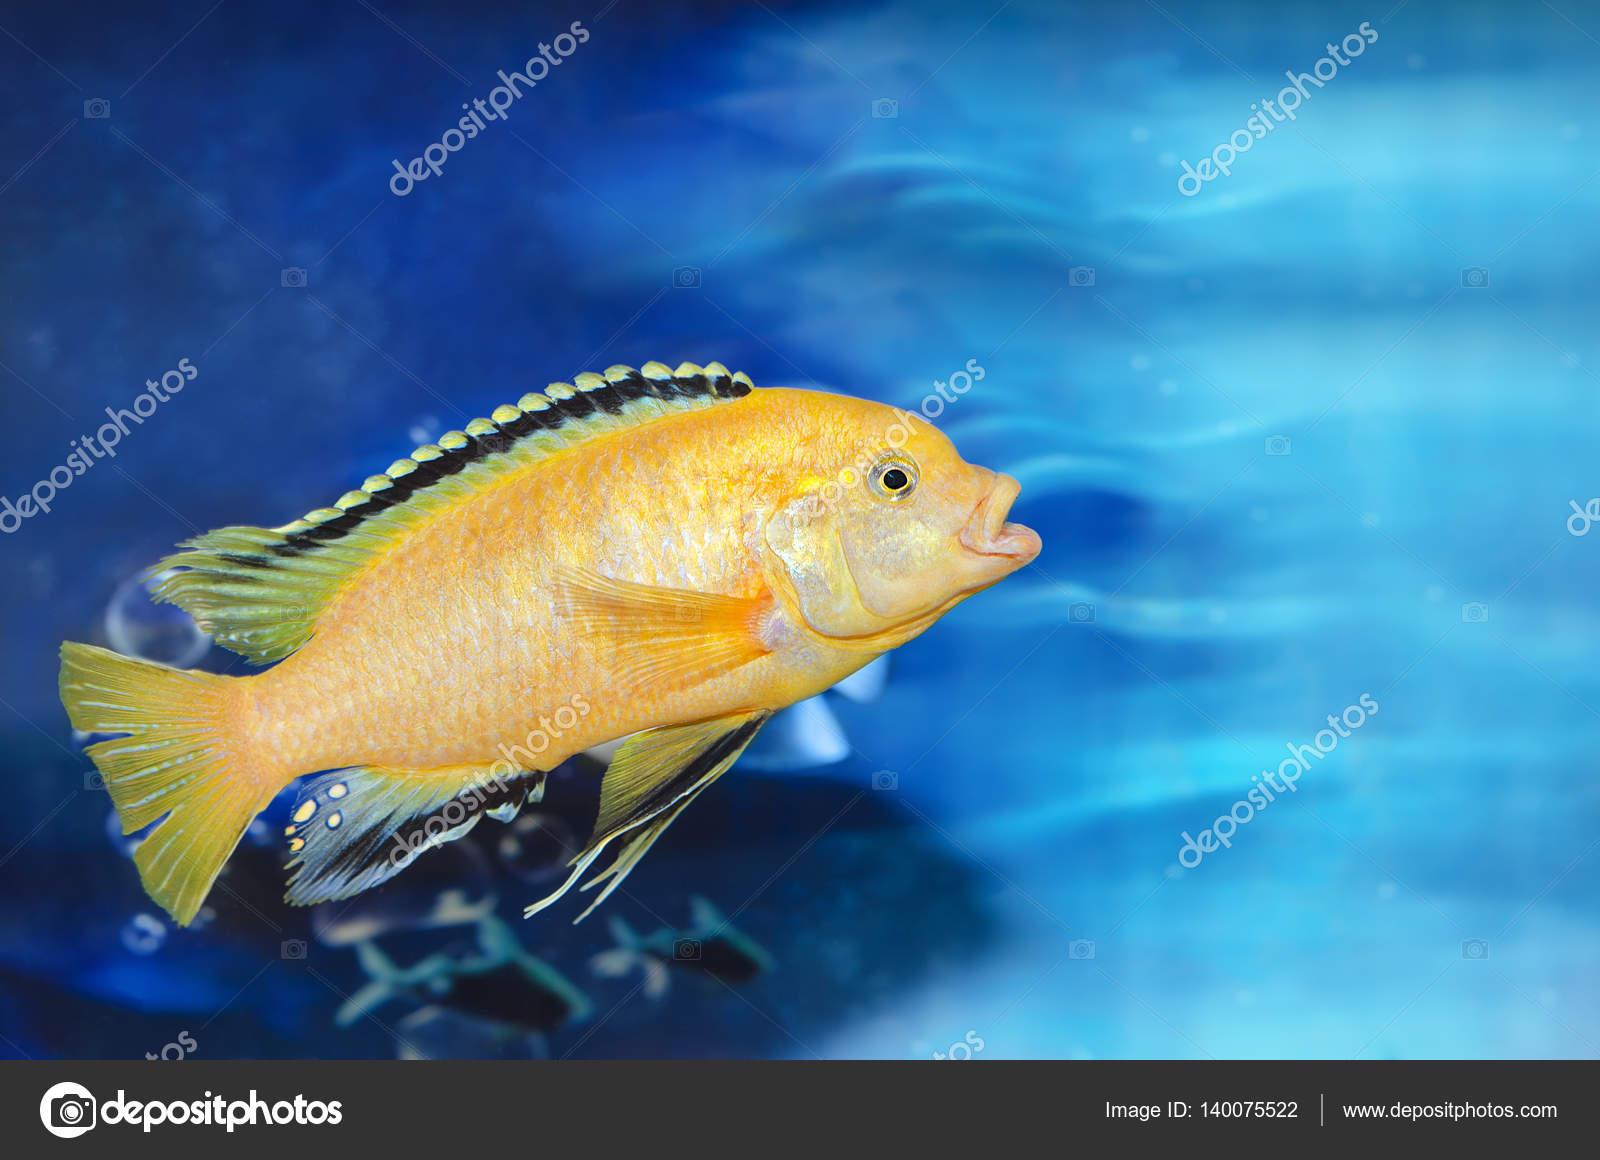 Sfondo Blu Acquario Con Un Pesce Giallo Foto Stock